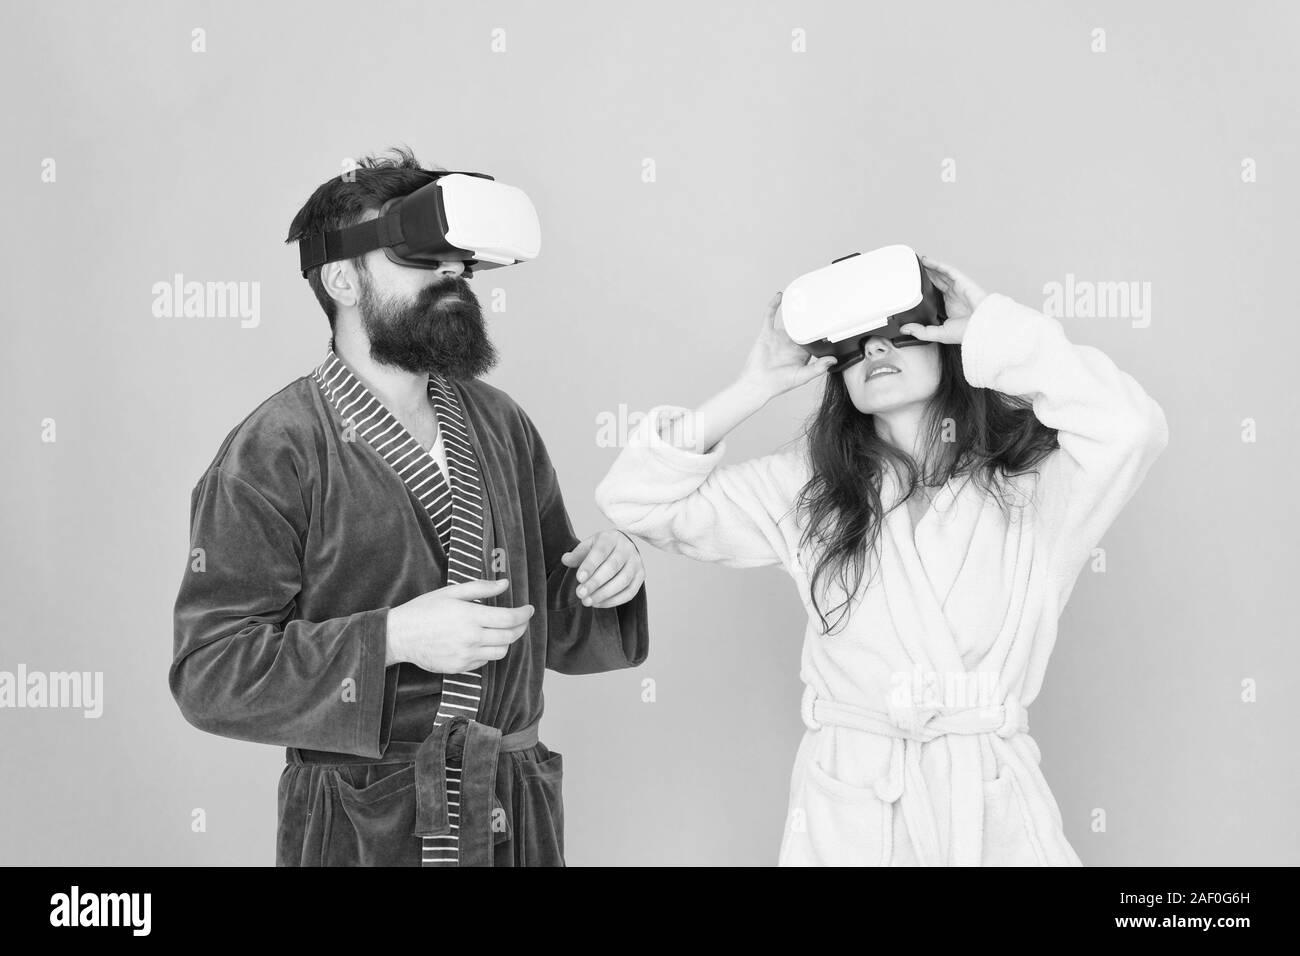 Chica y man hipster relájese en albornoz. El futuro es ahora. digital pareja. La innovación en las relaciones familiares. Crea tu realidad. mundo de immagination. Familia par llevar gafas de VR. Esto es genial. Foto de stock